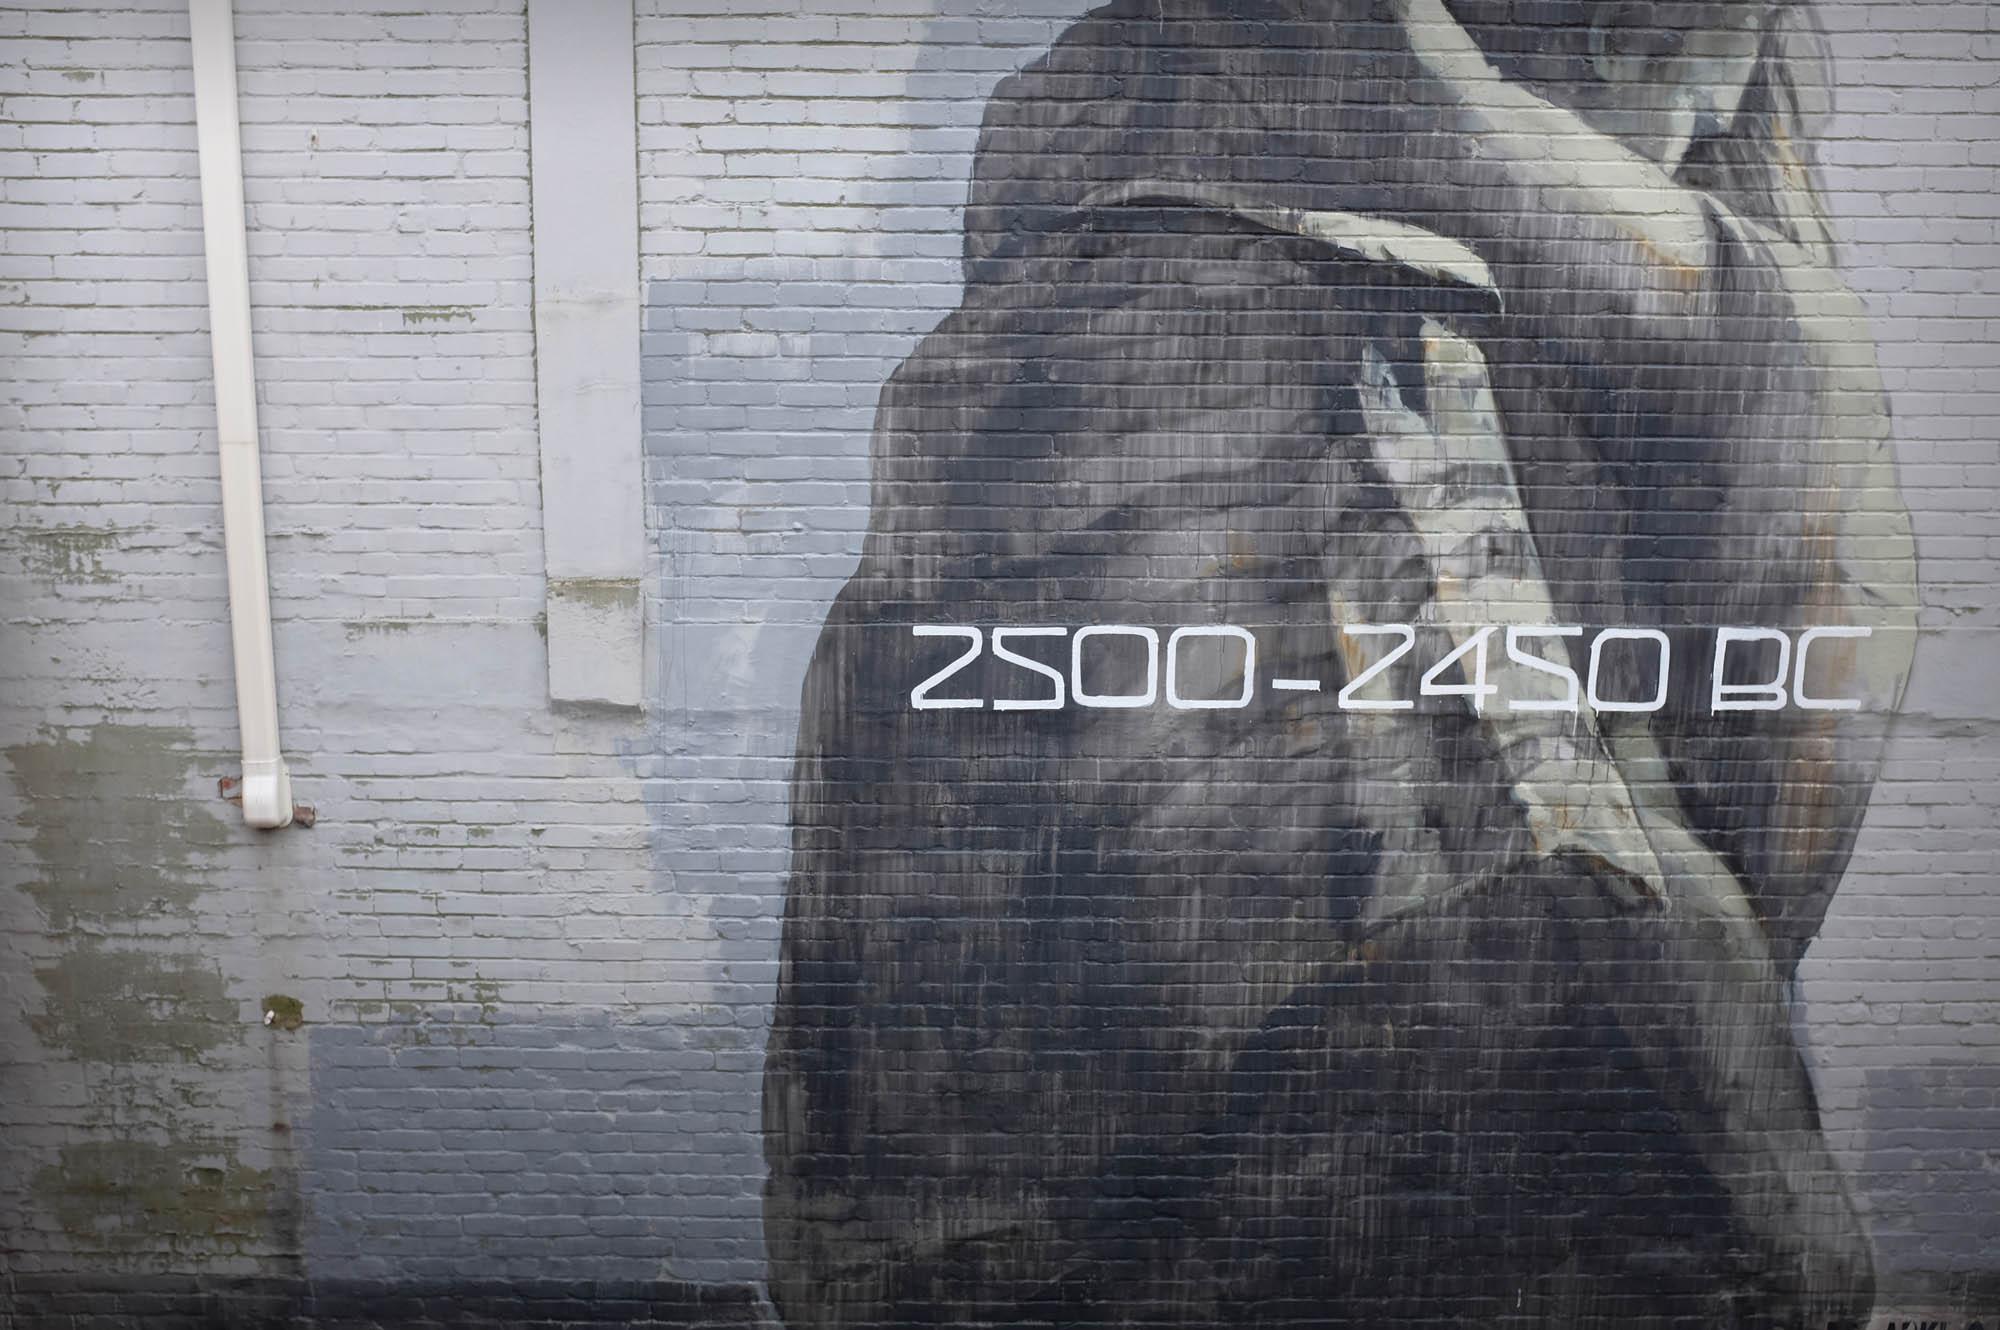 2500 - 2450 BC [e]